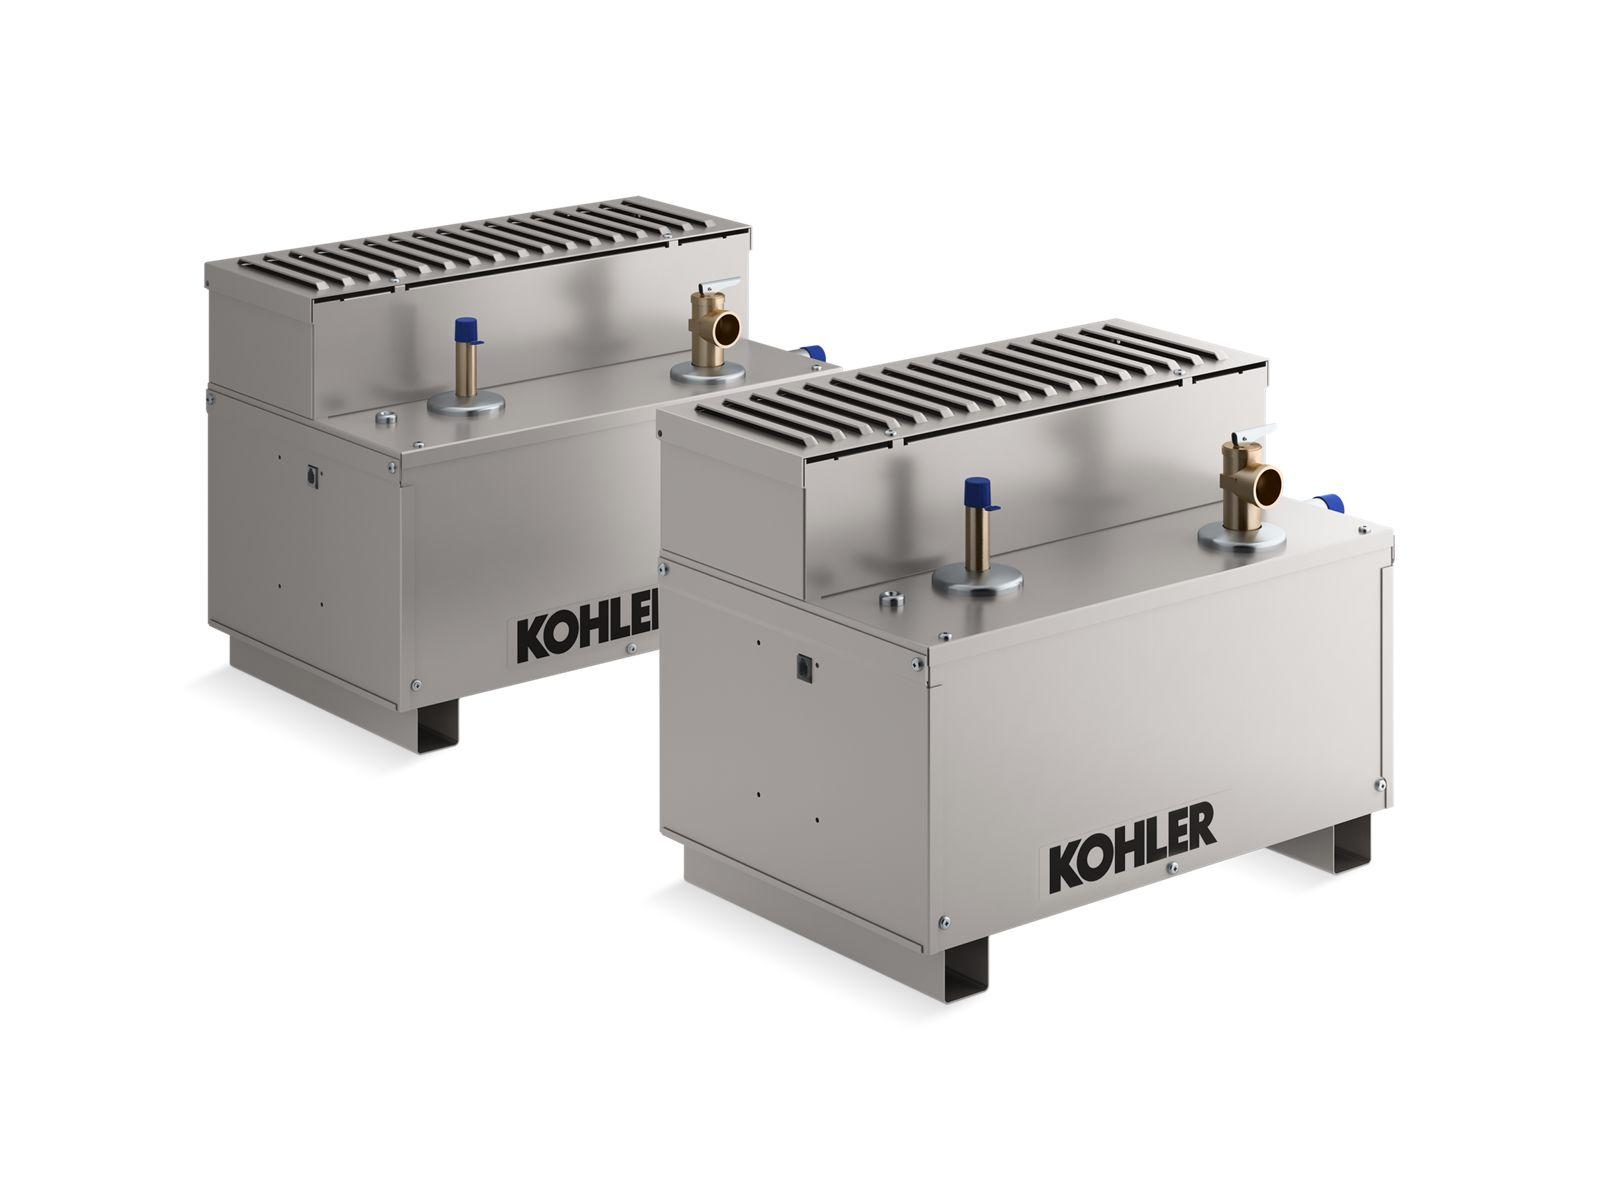 Kohler Steam Generator Wiring Diagram : Kohler kw generator wiring diagrams electrical schematic